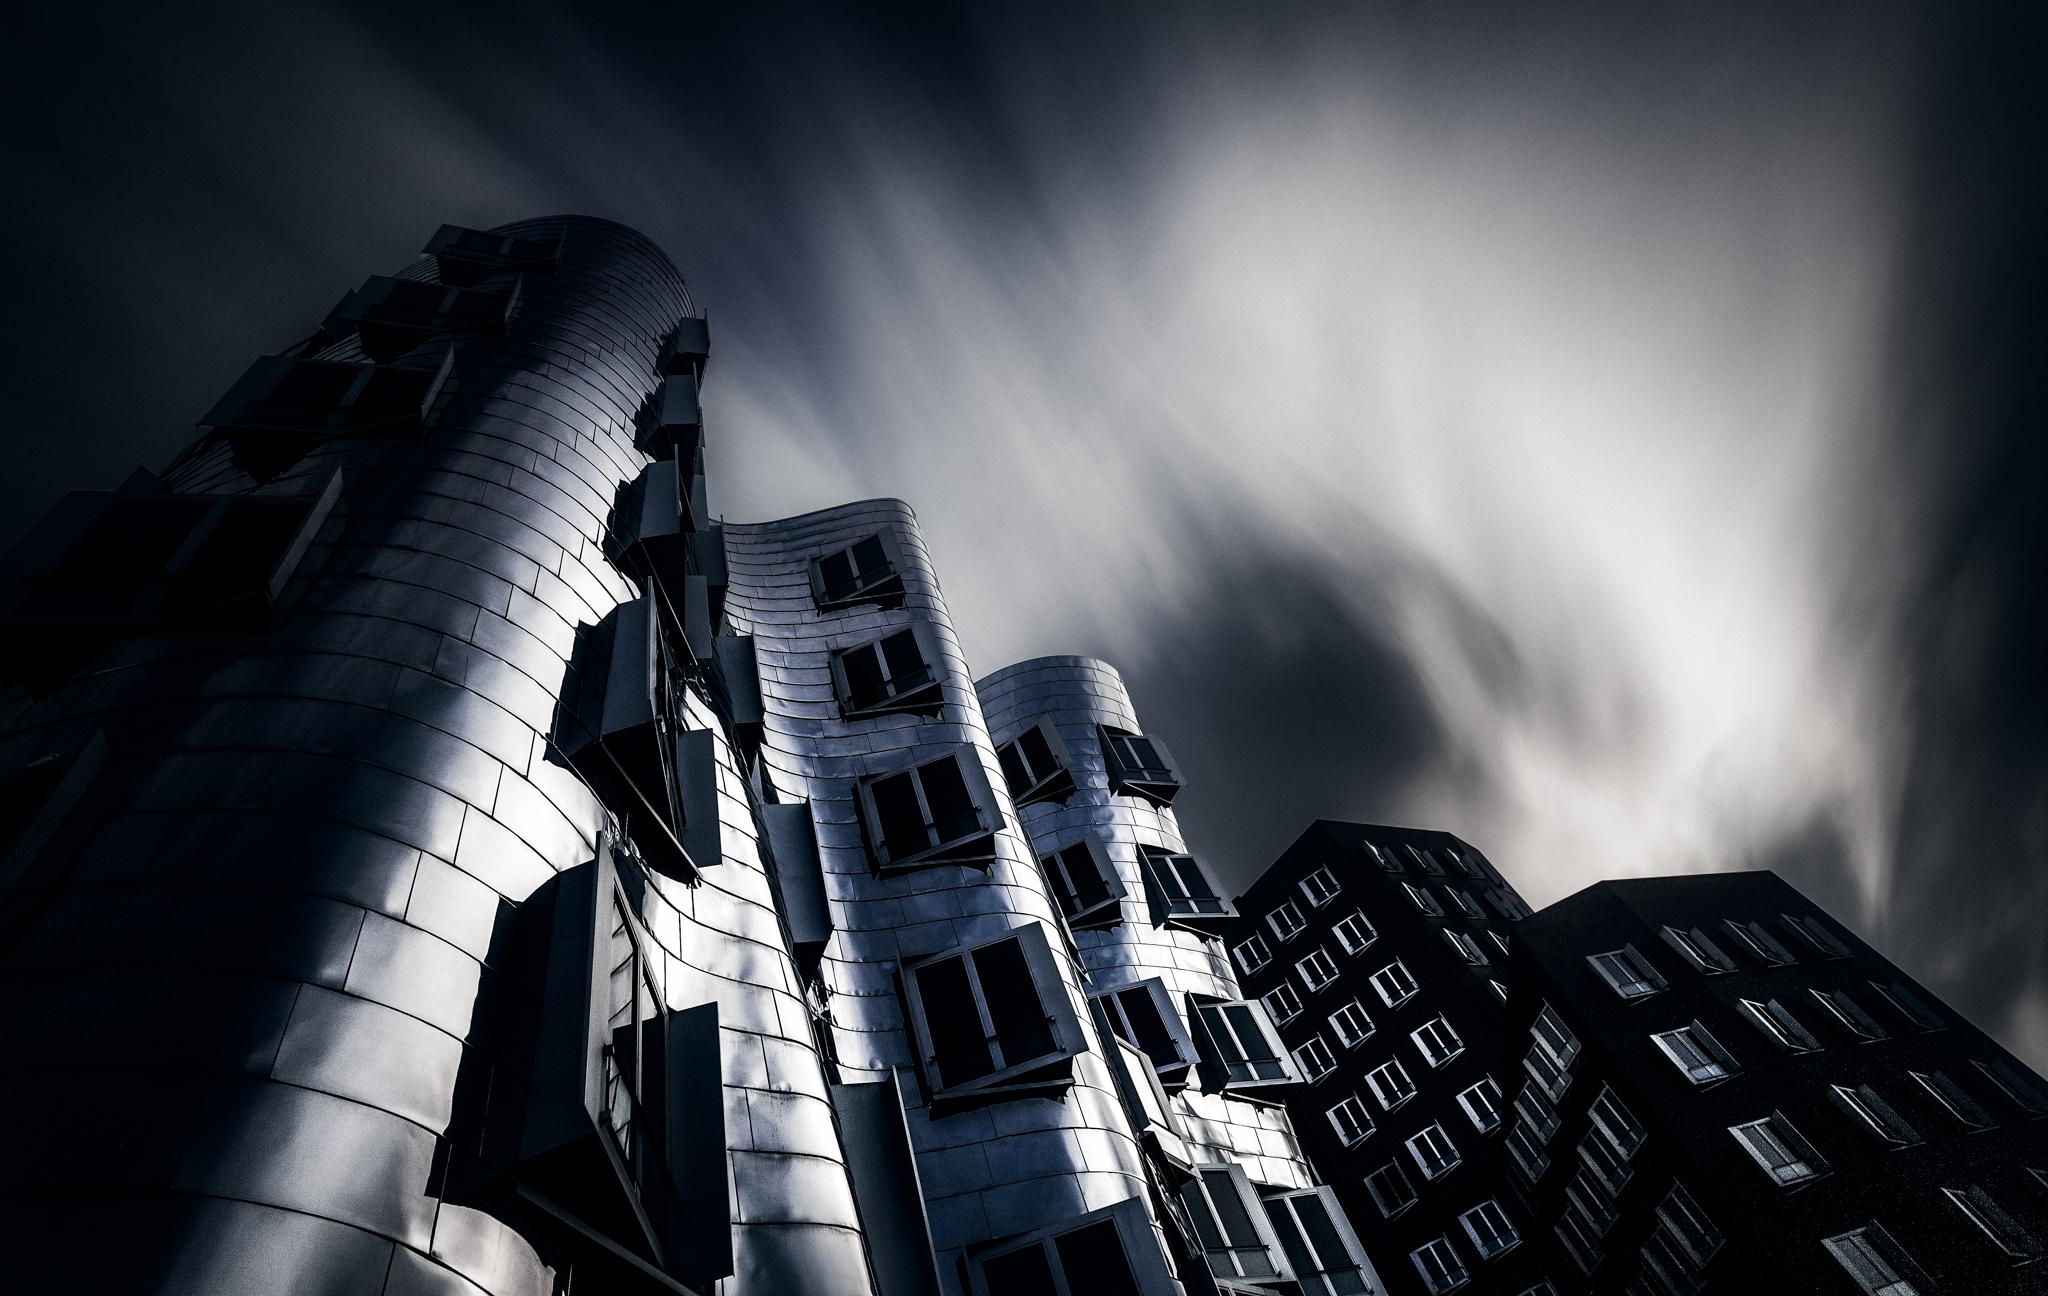 Hintergrundbilder duesseldorf d sseldorf frankgehry - Dekonstruktivismus architektur ...